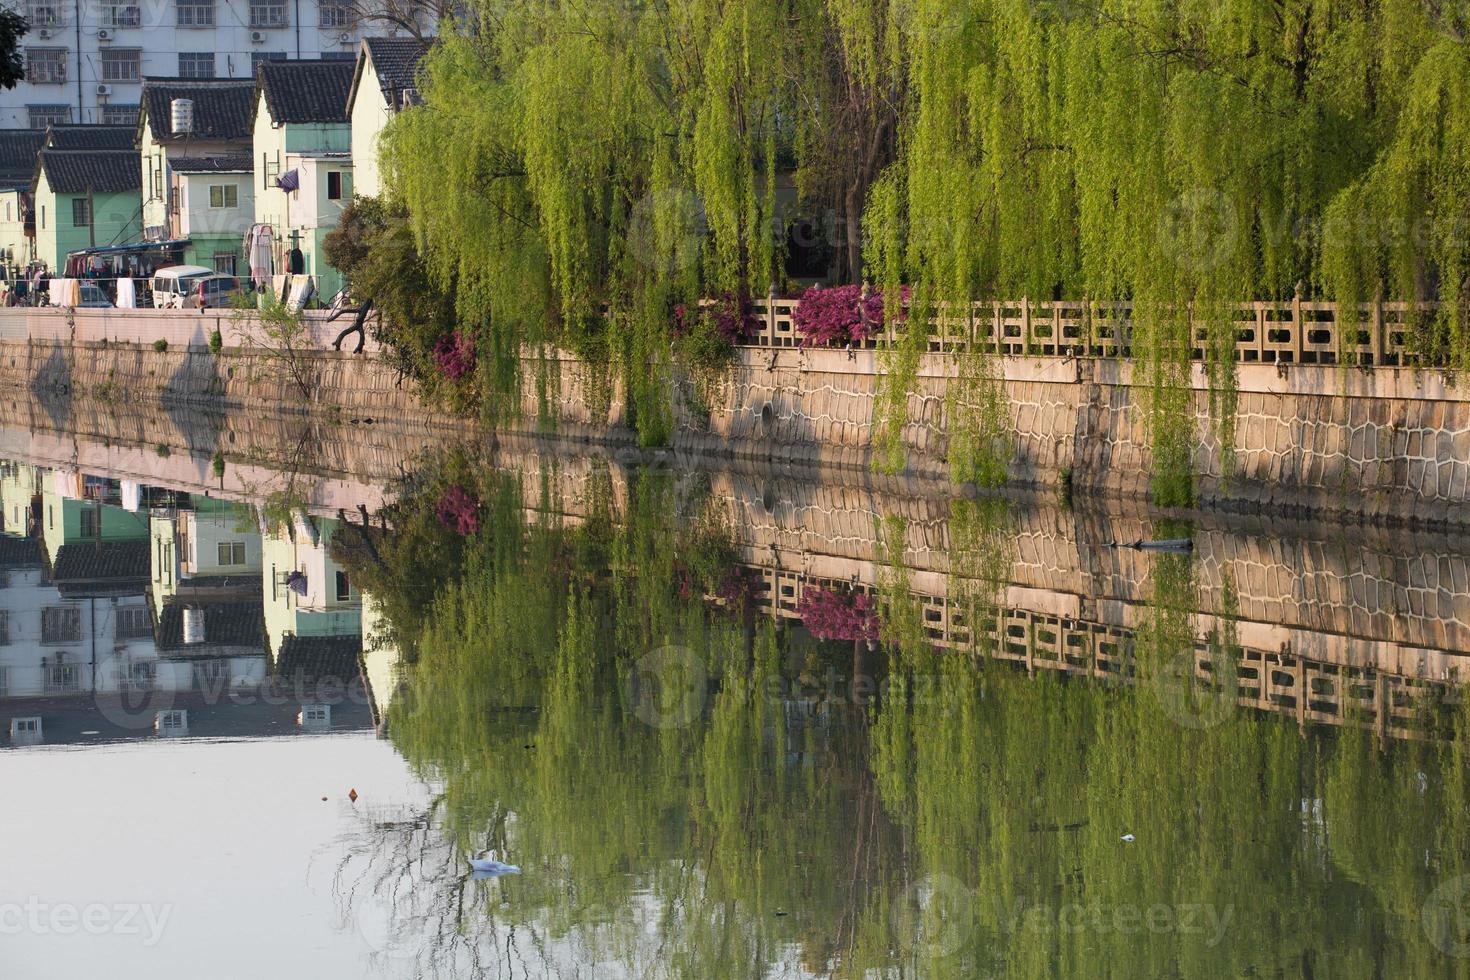 kleine gracht van suzhou, china foto